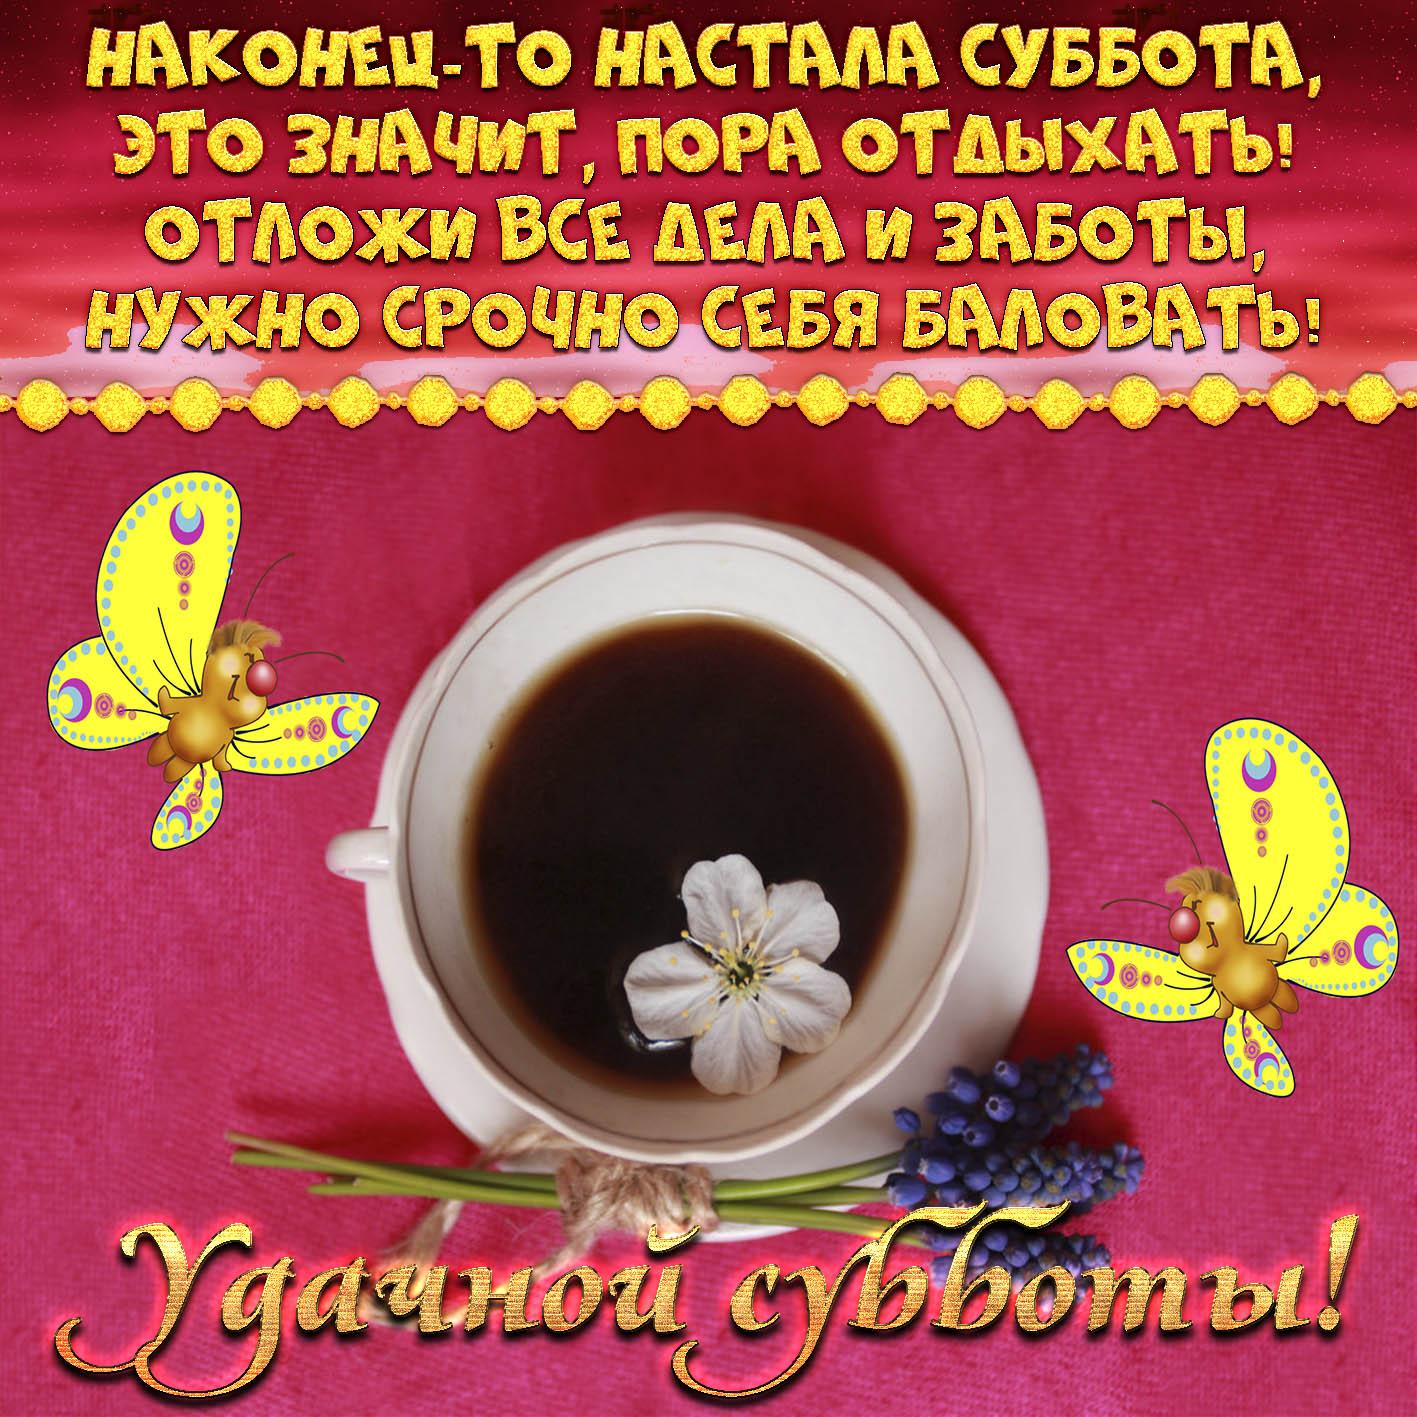 Открытки с добрым утром и хорошим настроением субботы, поздравления день рождения